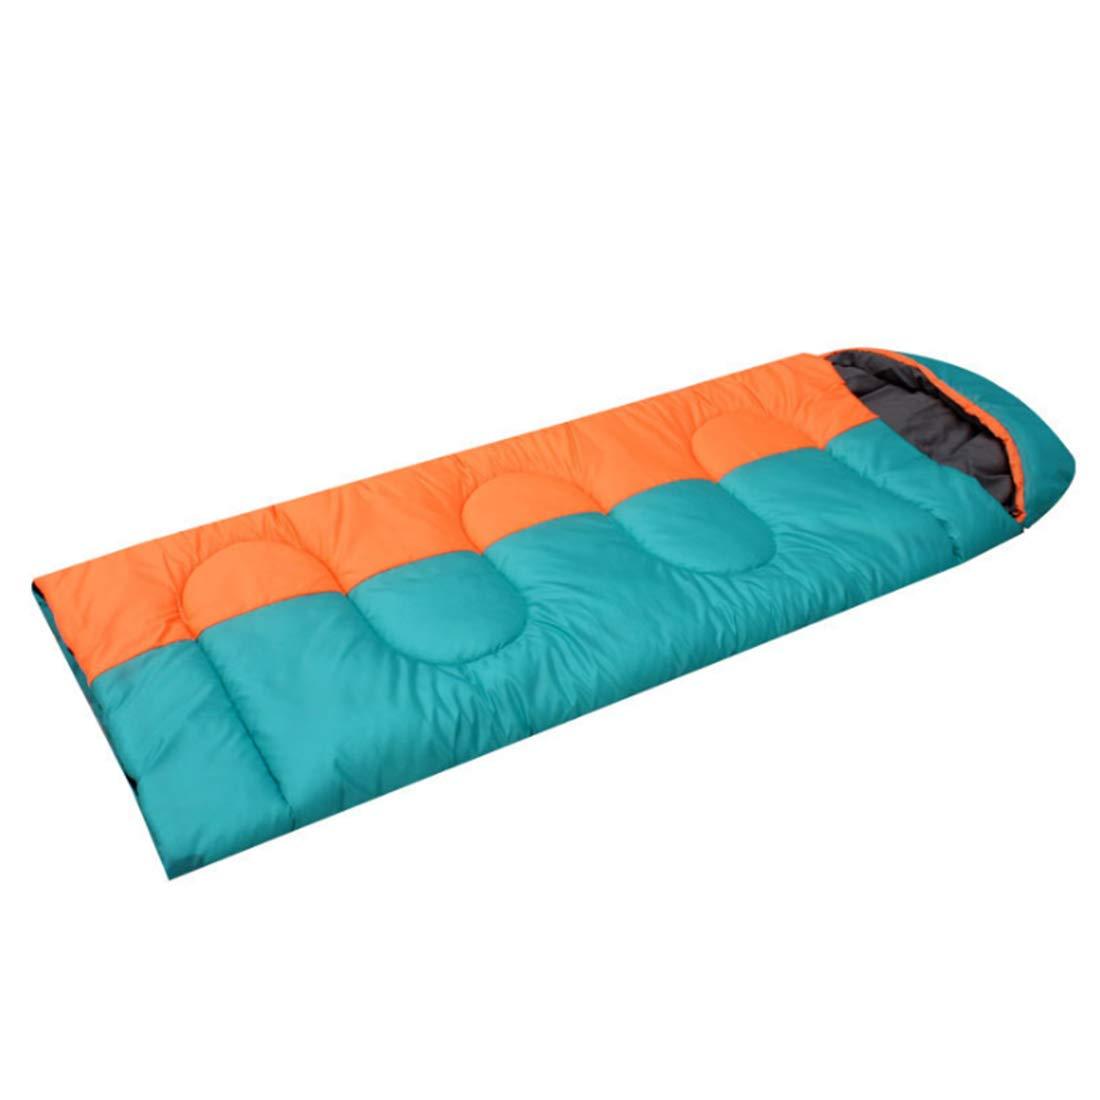 SHIZHESHOP Erwachsene Schlafsack Schlafsack Schlafsack für kalt und warm ob Camping, Wandern, Reisen (Farbe   Orange Blau) 2c056e